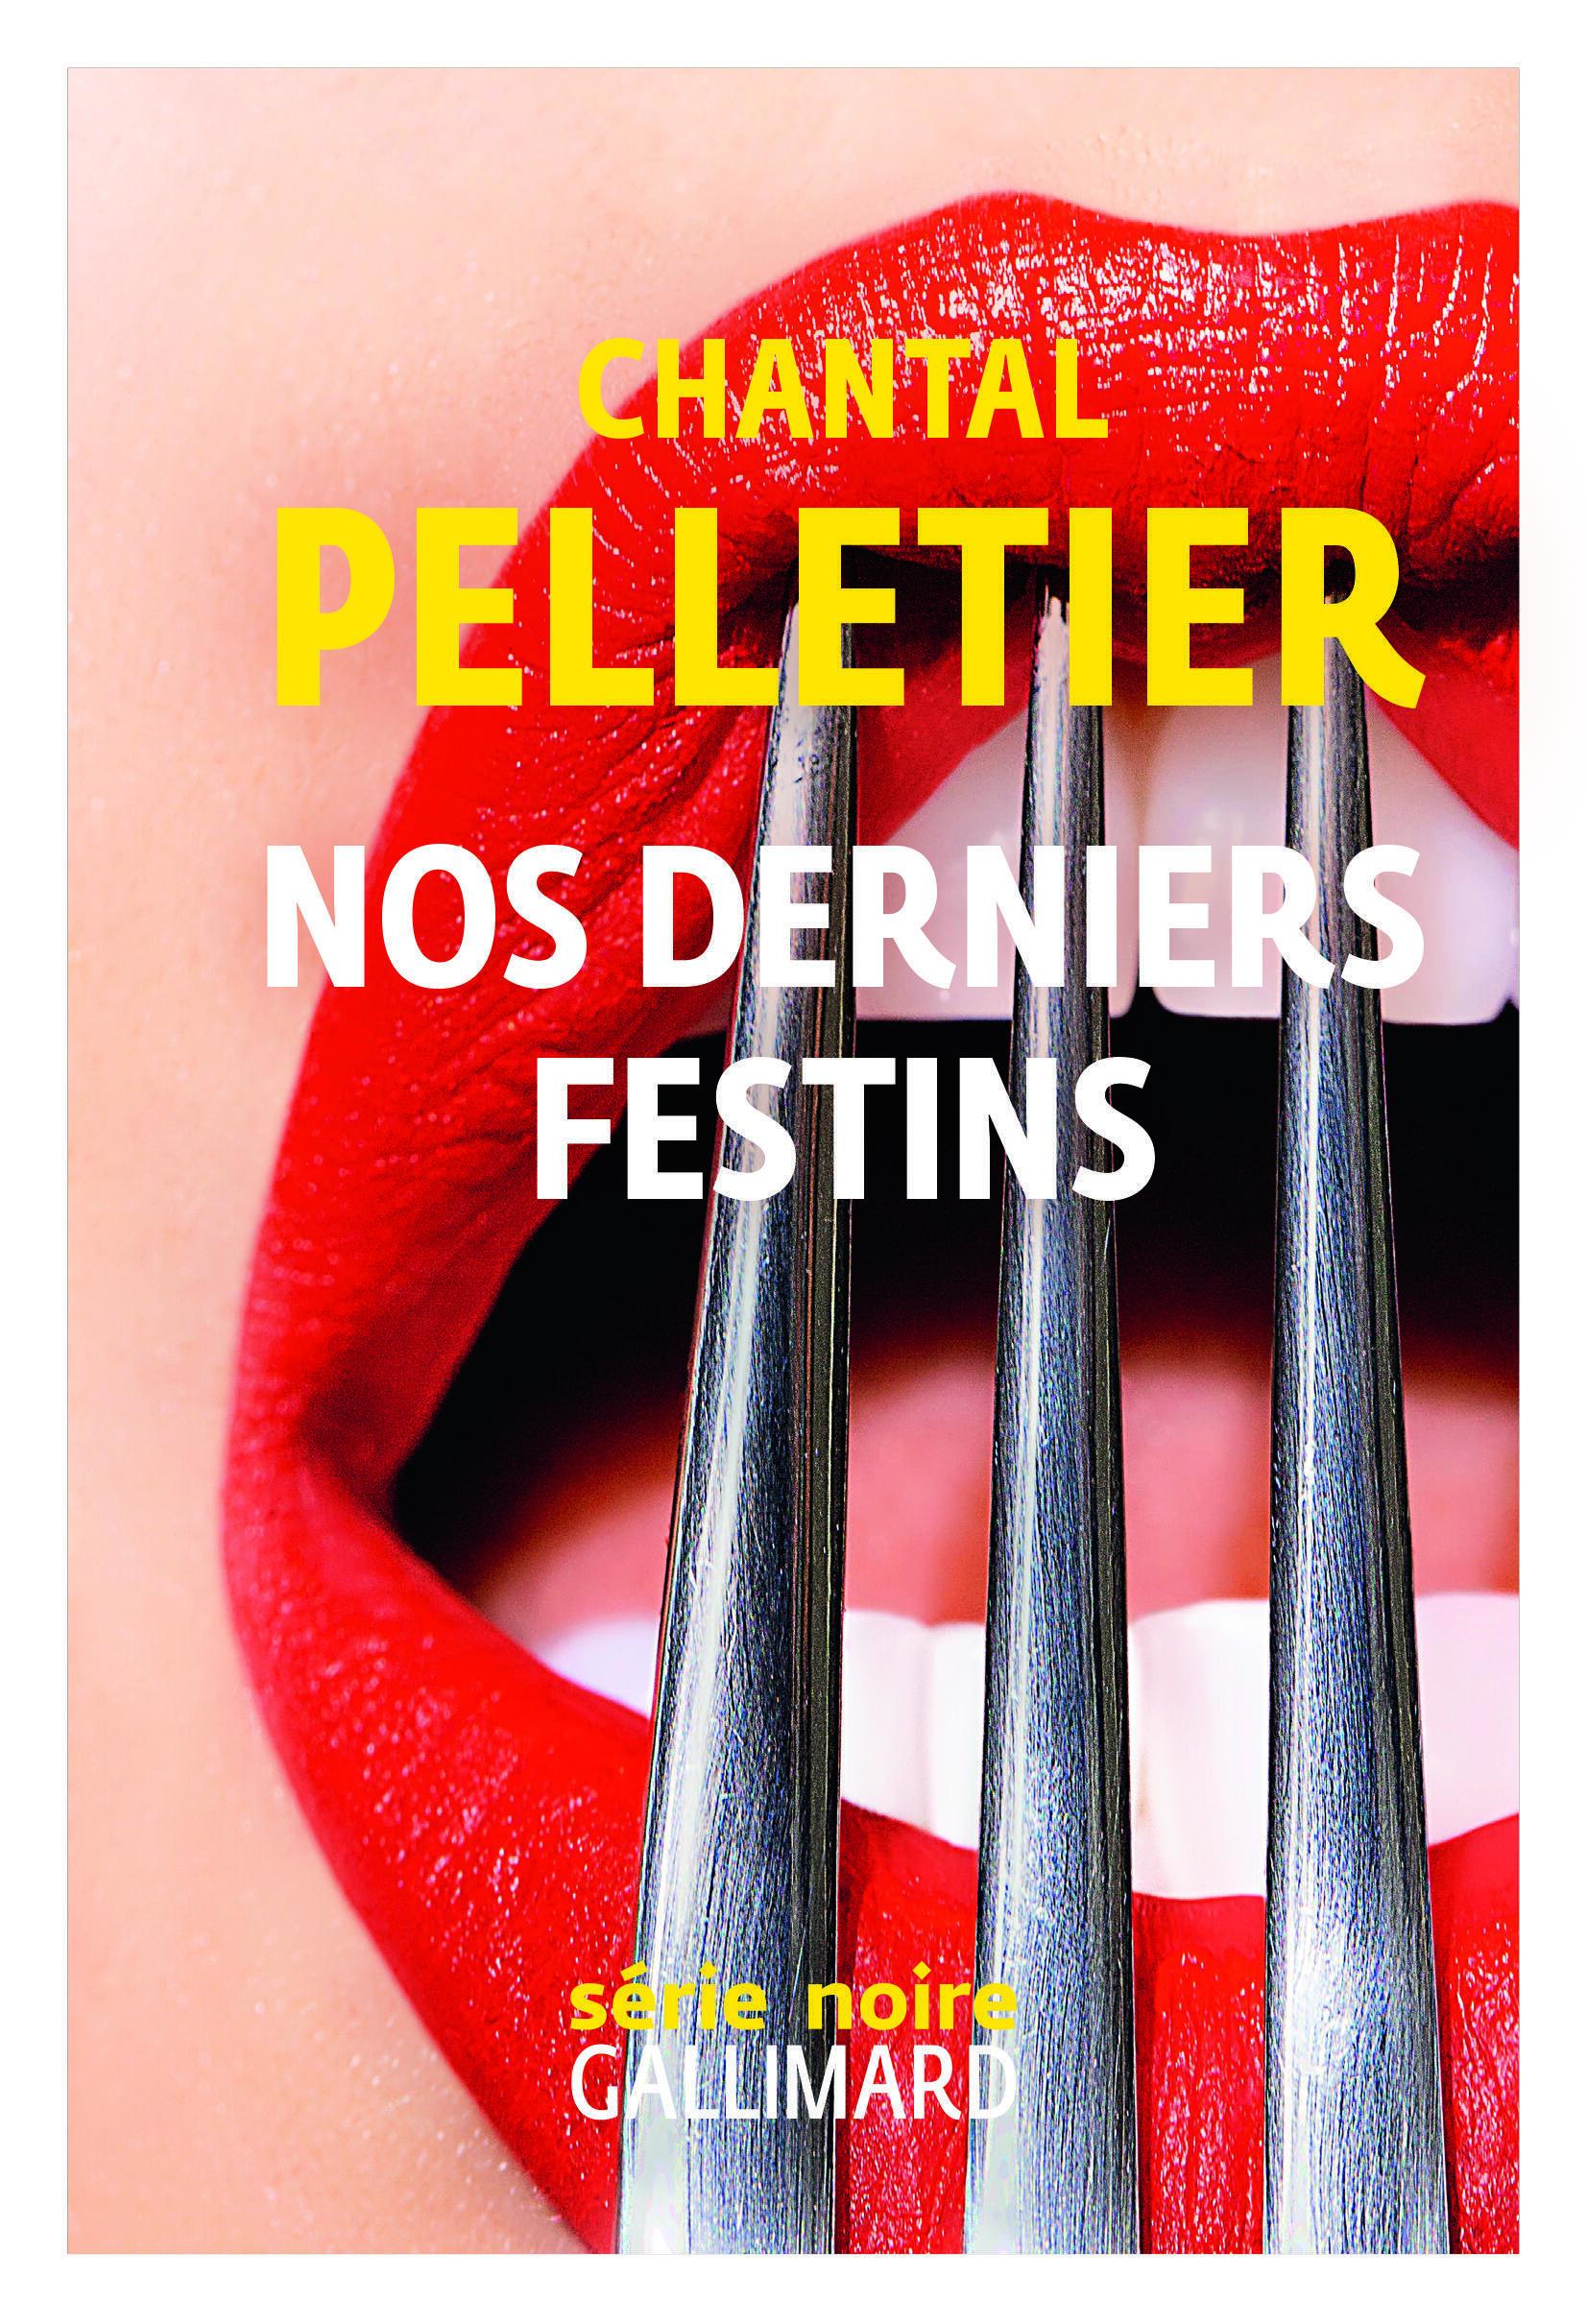 Couverture du nouveau roman de Chantal Pelletier